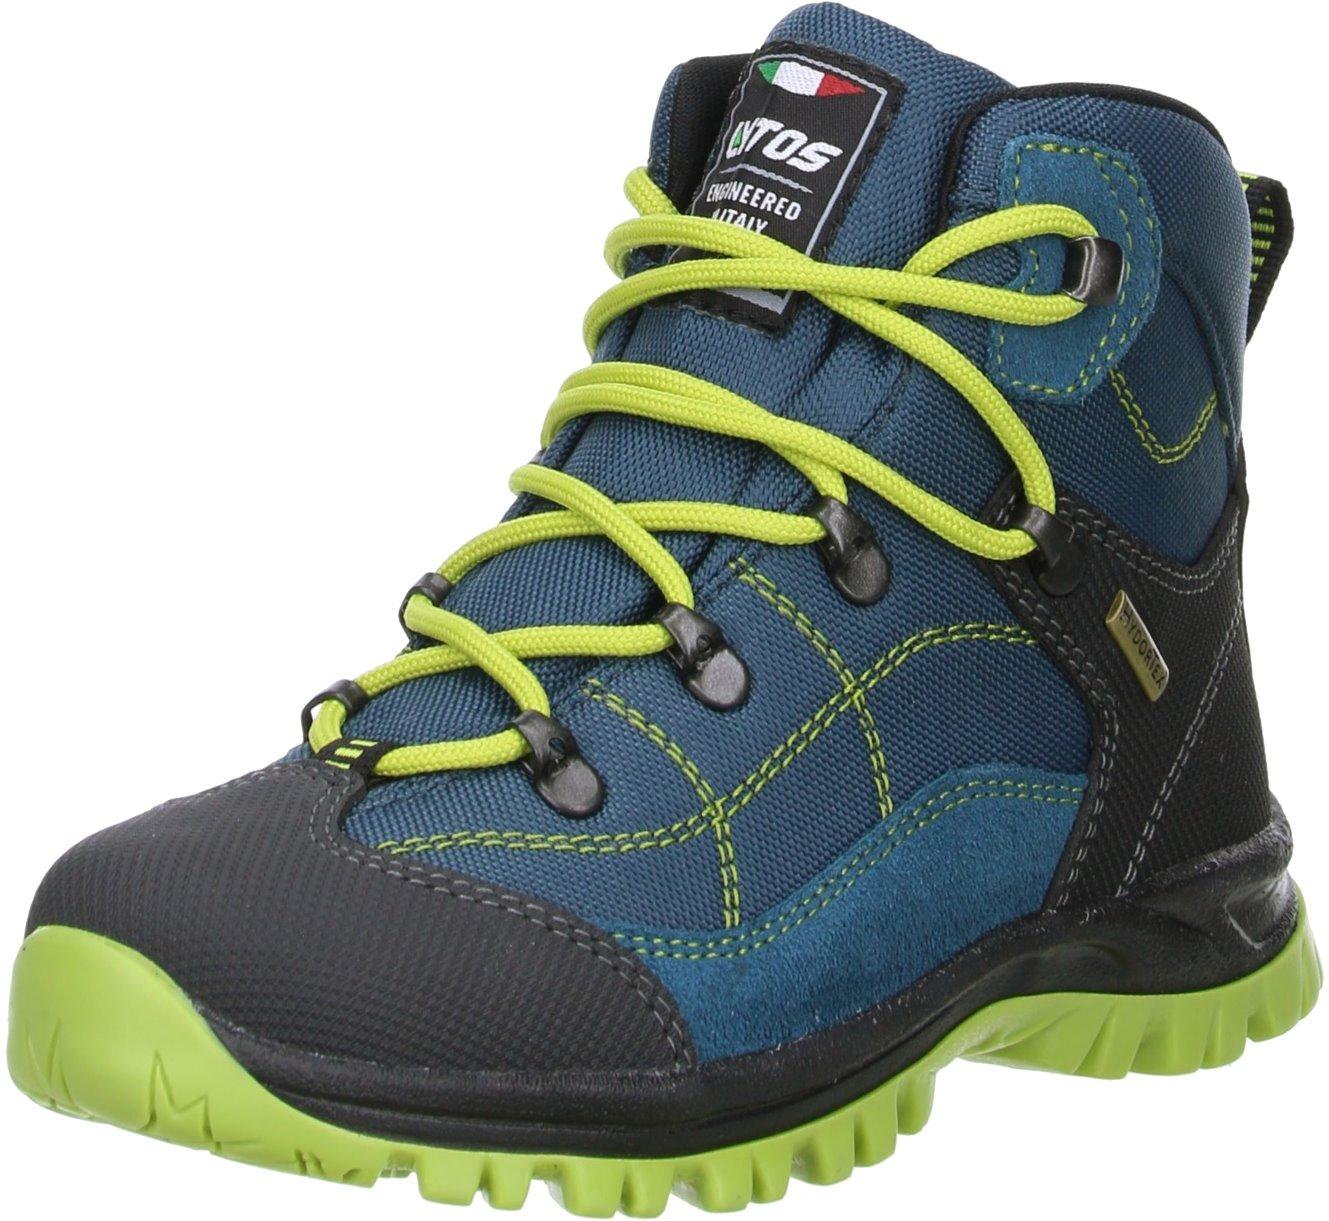 TREK | Schuhe Trentasette Dein preiswerter Wohlfühlschuh Jrevt